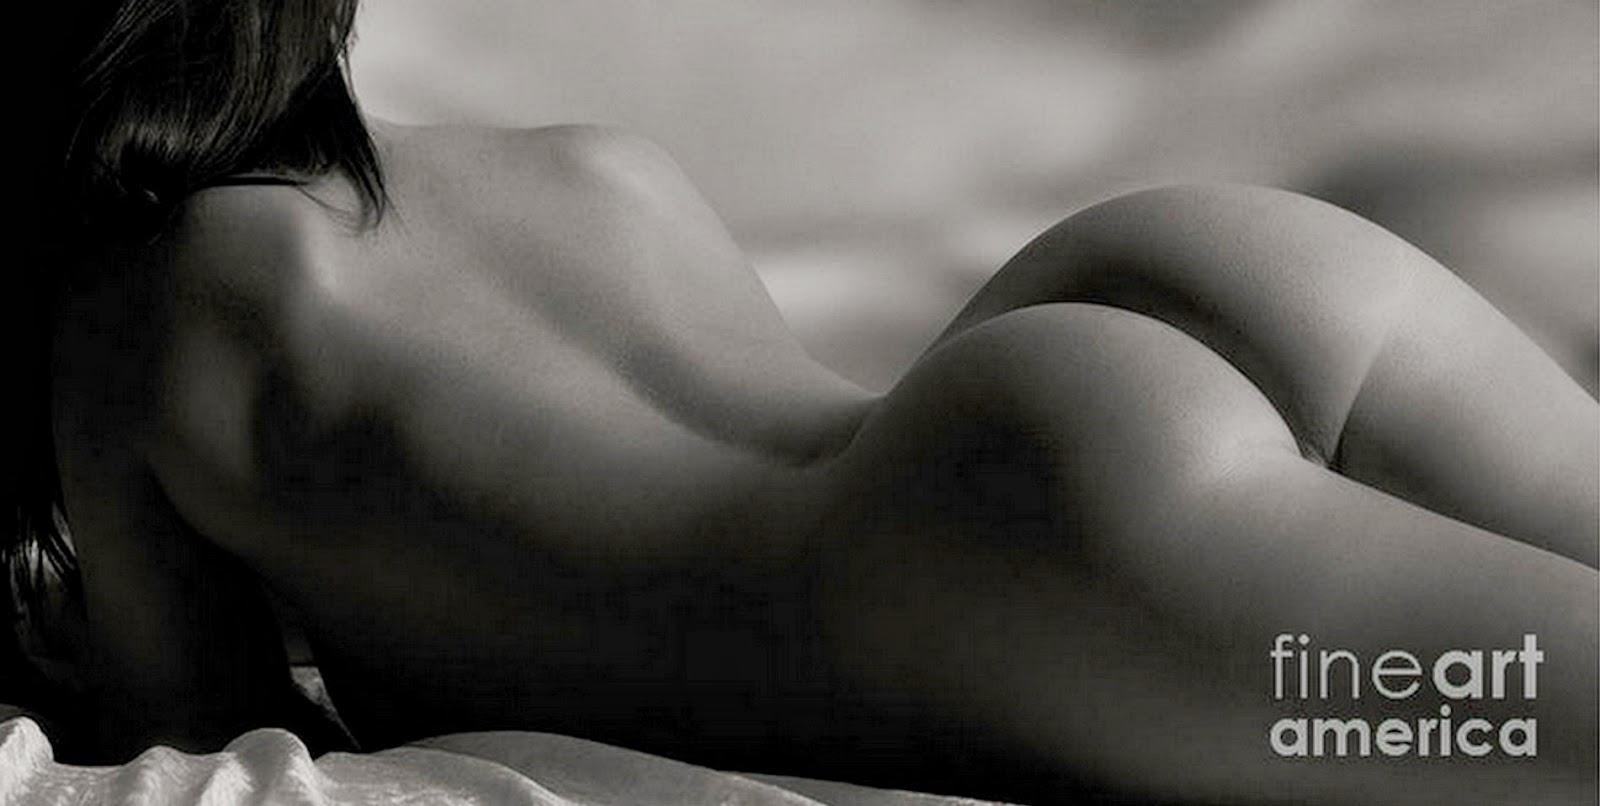 mujeres-de-espalda-desnudos-artisticos